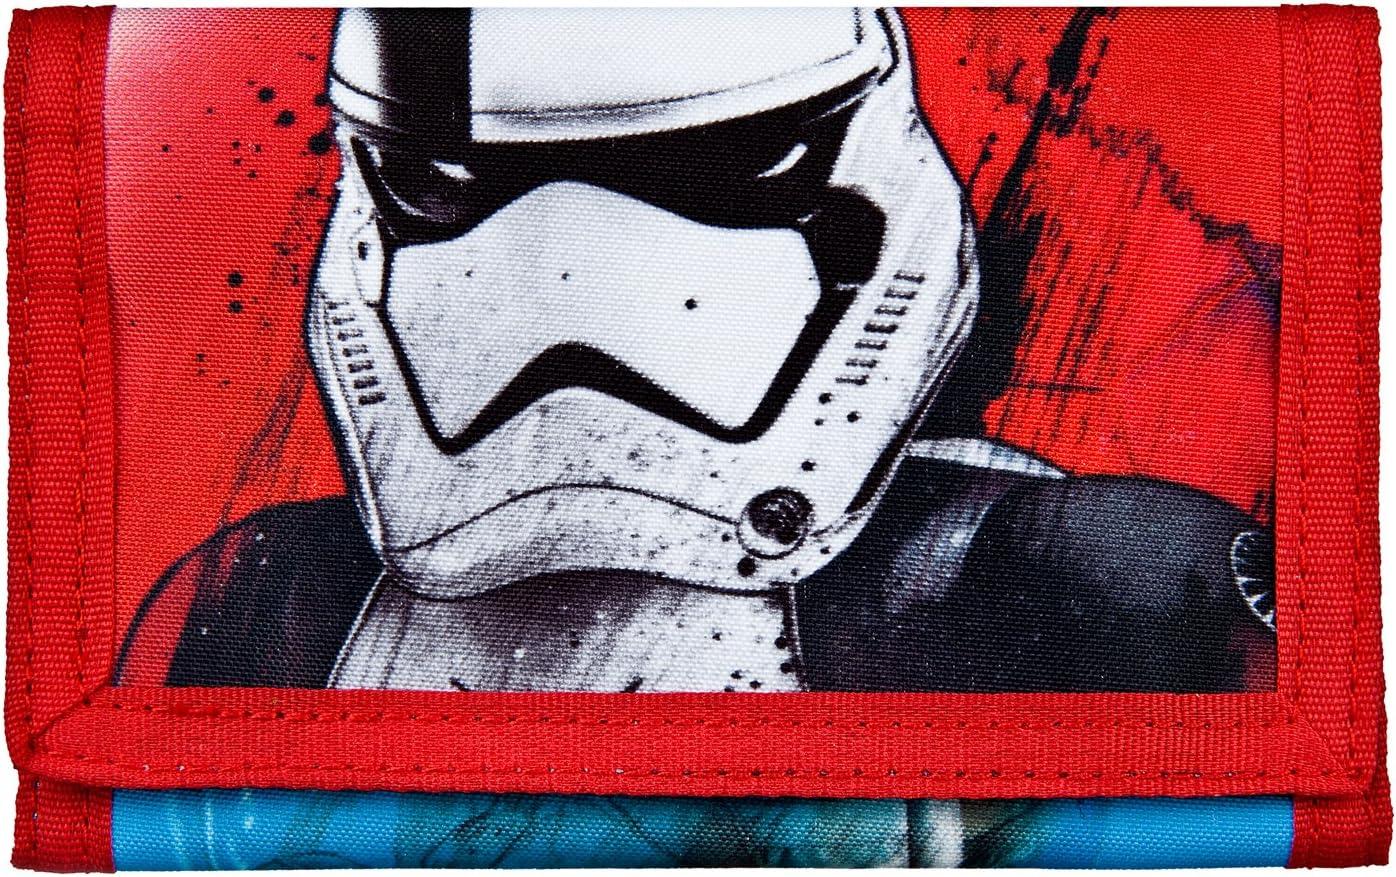 Undercover SWNH7010 Porte-monnaie Disney Star Wars Episode 8